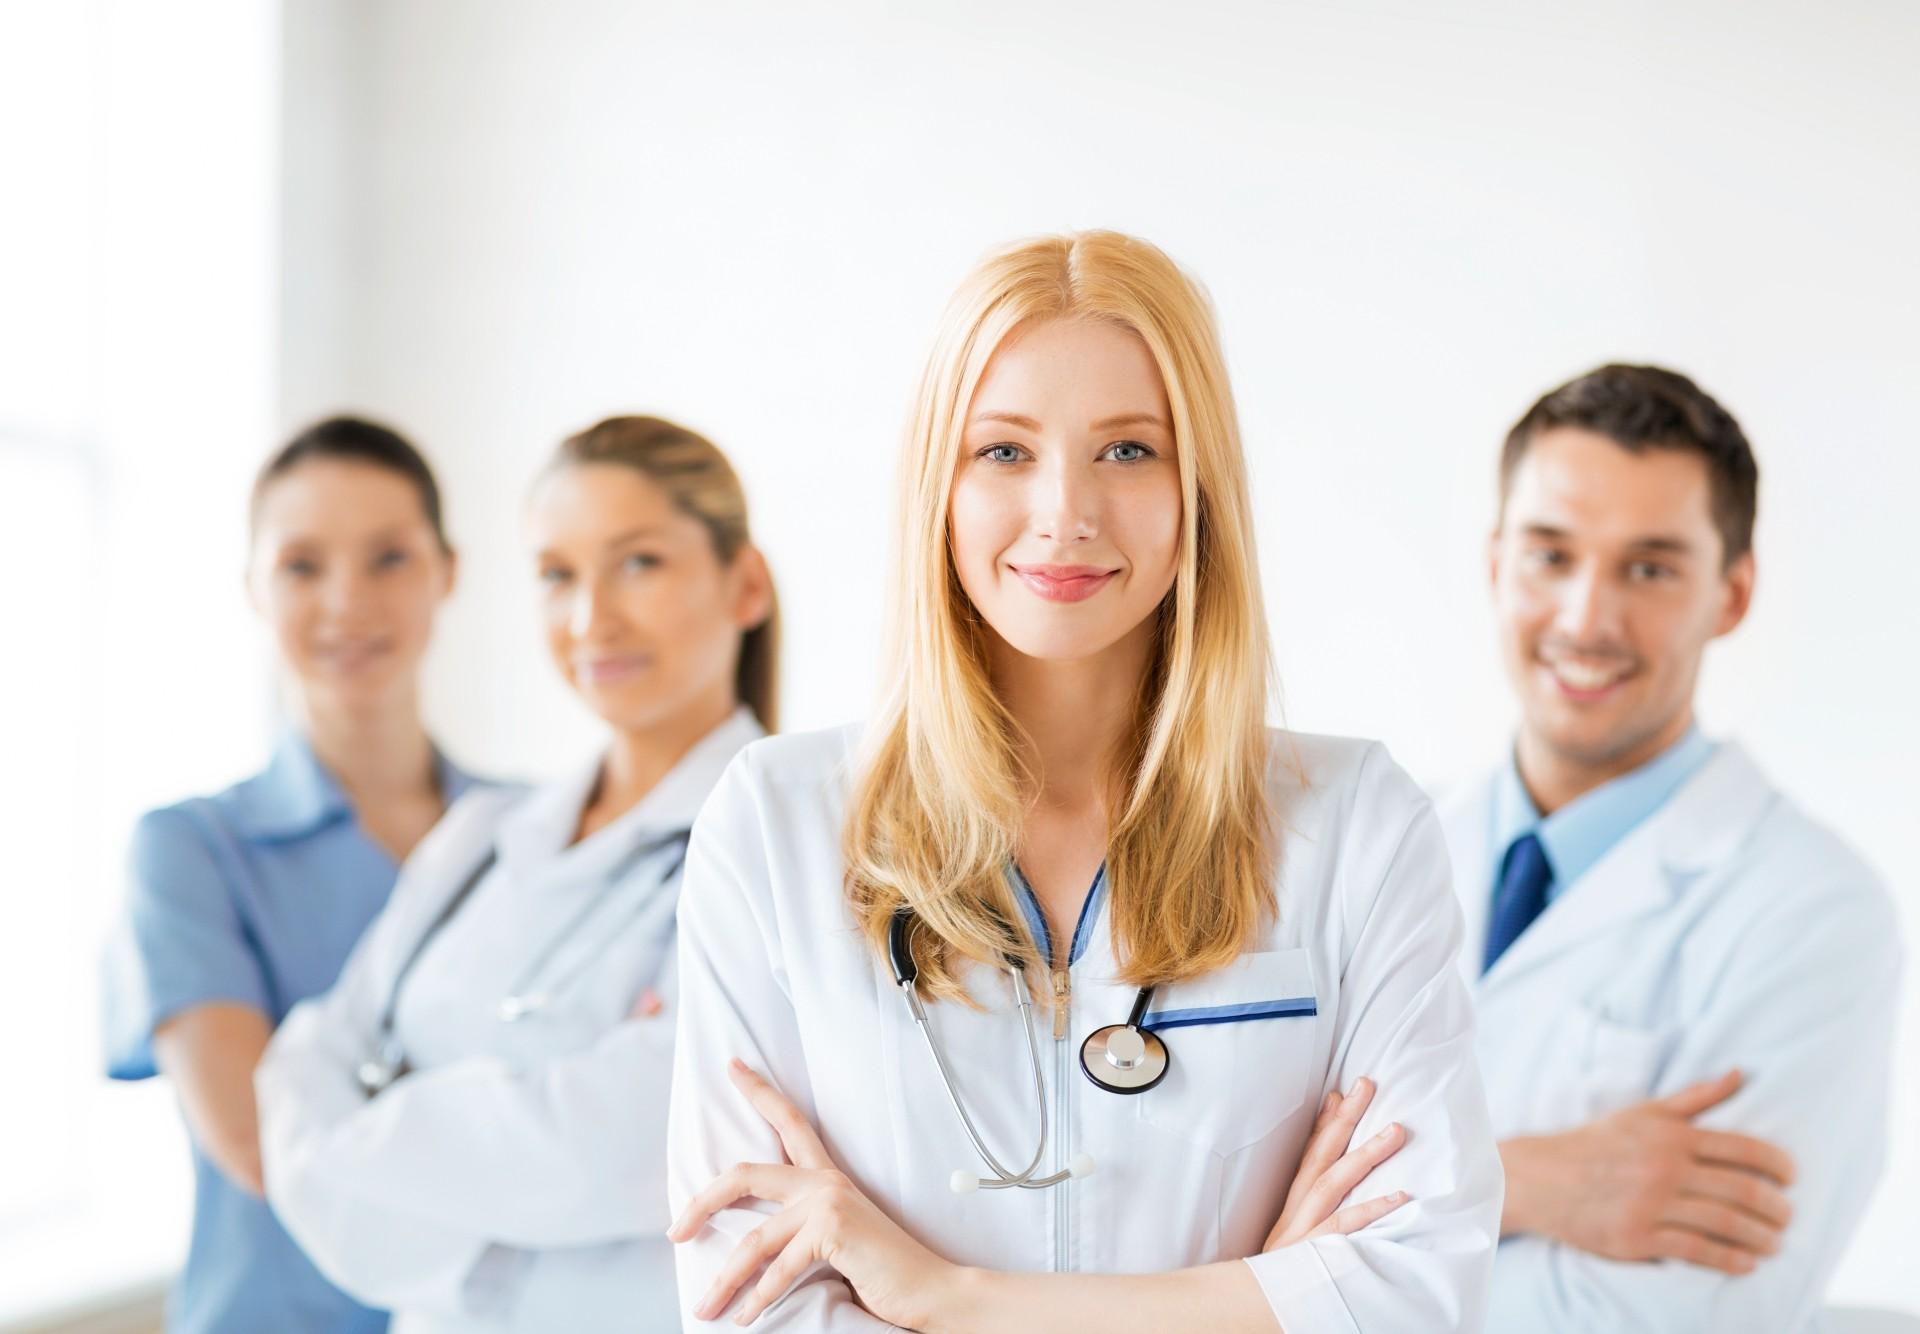 Медична реформа у Дрогобичі: Перші кроки та роз'яснення. ВІДЕО